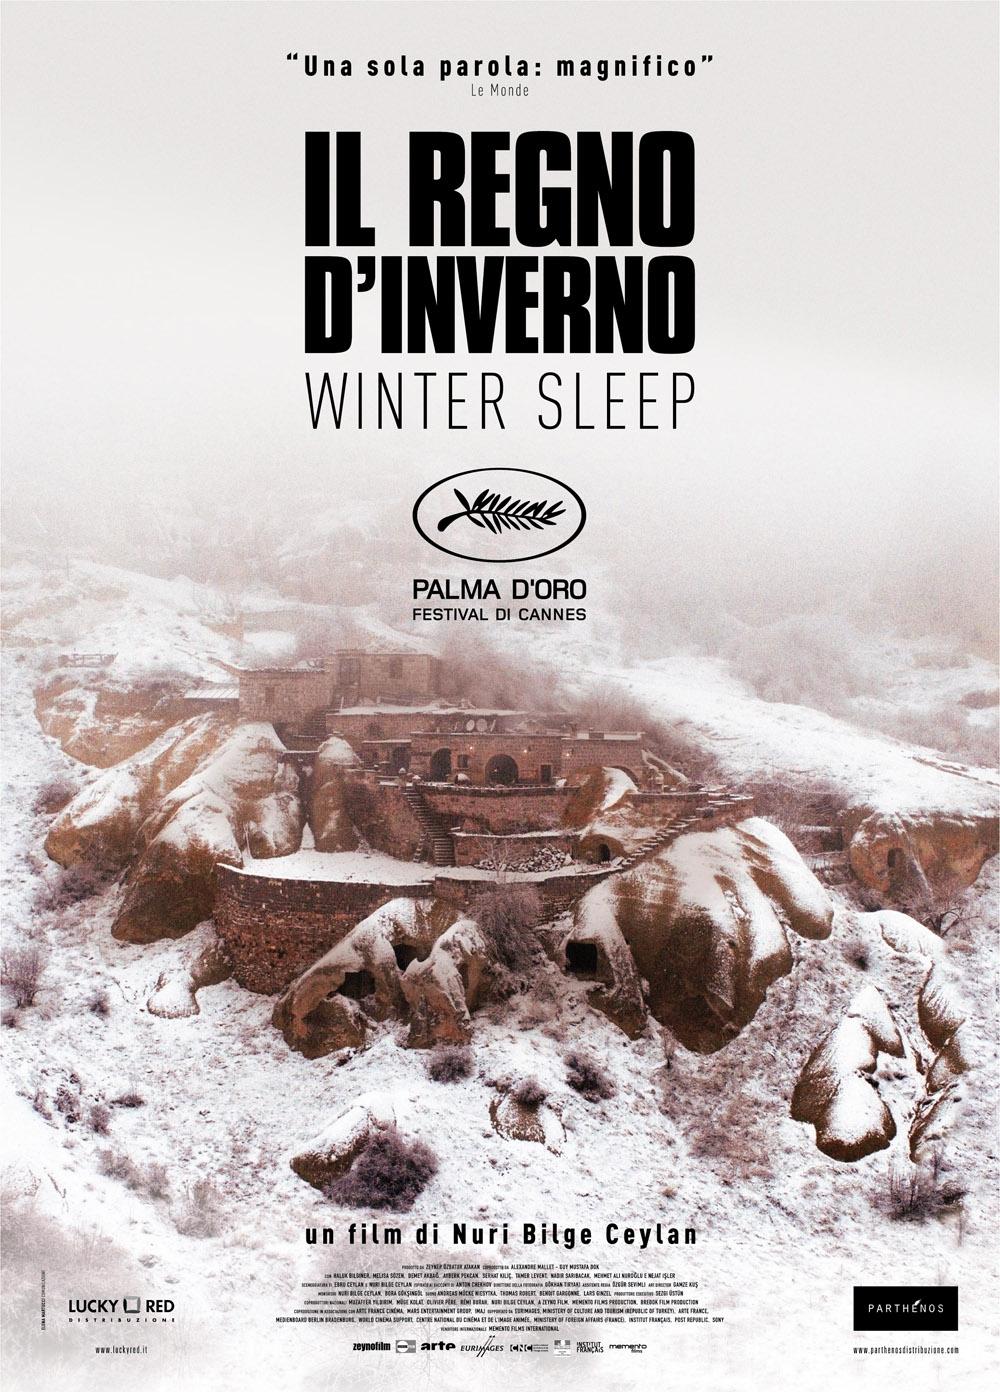 Il regno d'inverno – Winter Sleep